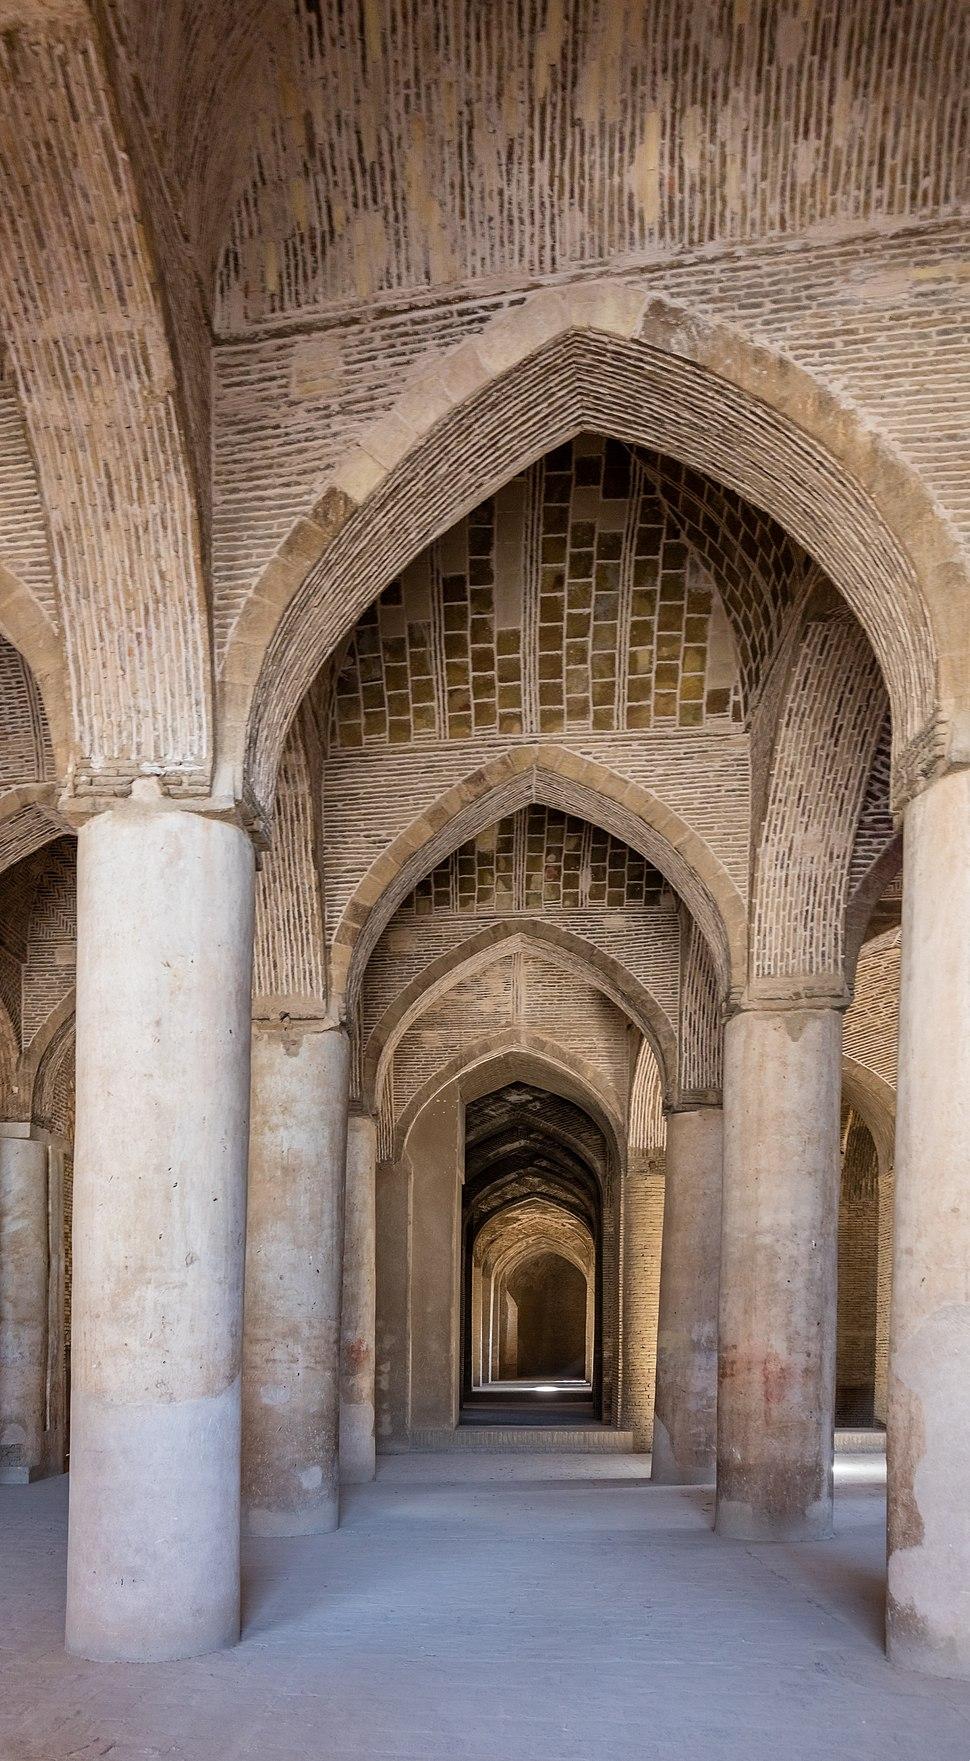 Gran Mezquita de Isfah%C3%A1n, Isfah%C3%A1n, Ir%C3%A1n, 2016-09-20, DD 37-39 HDR